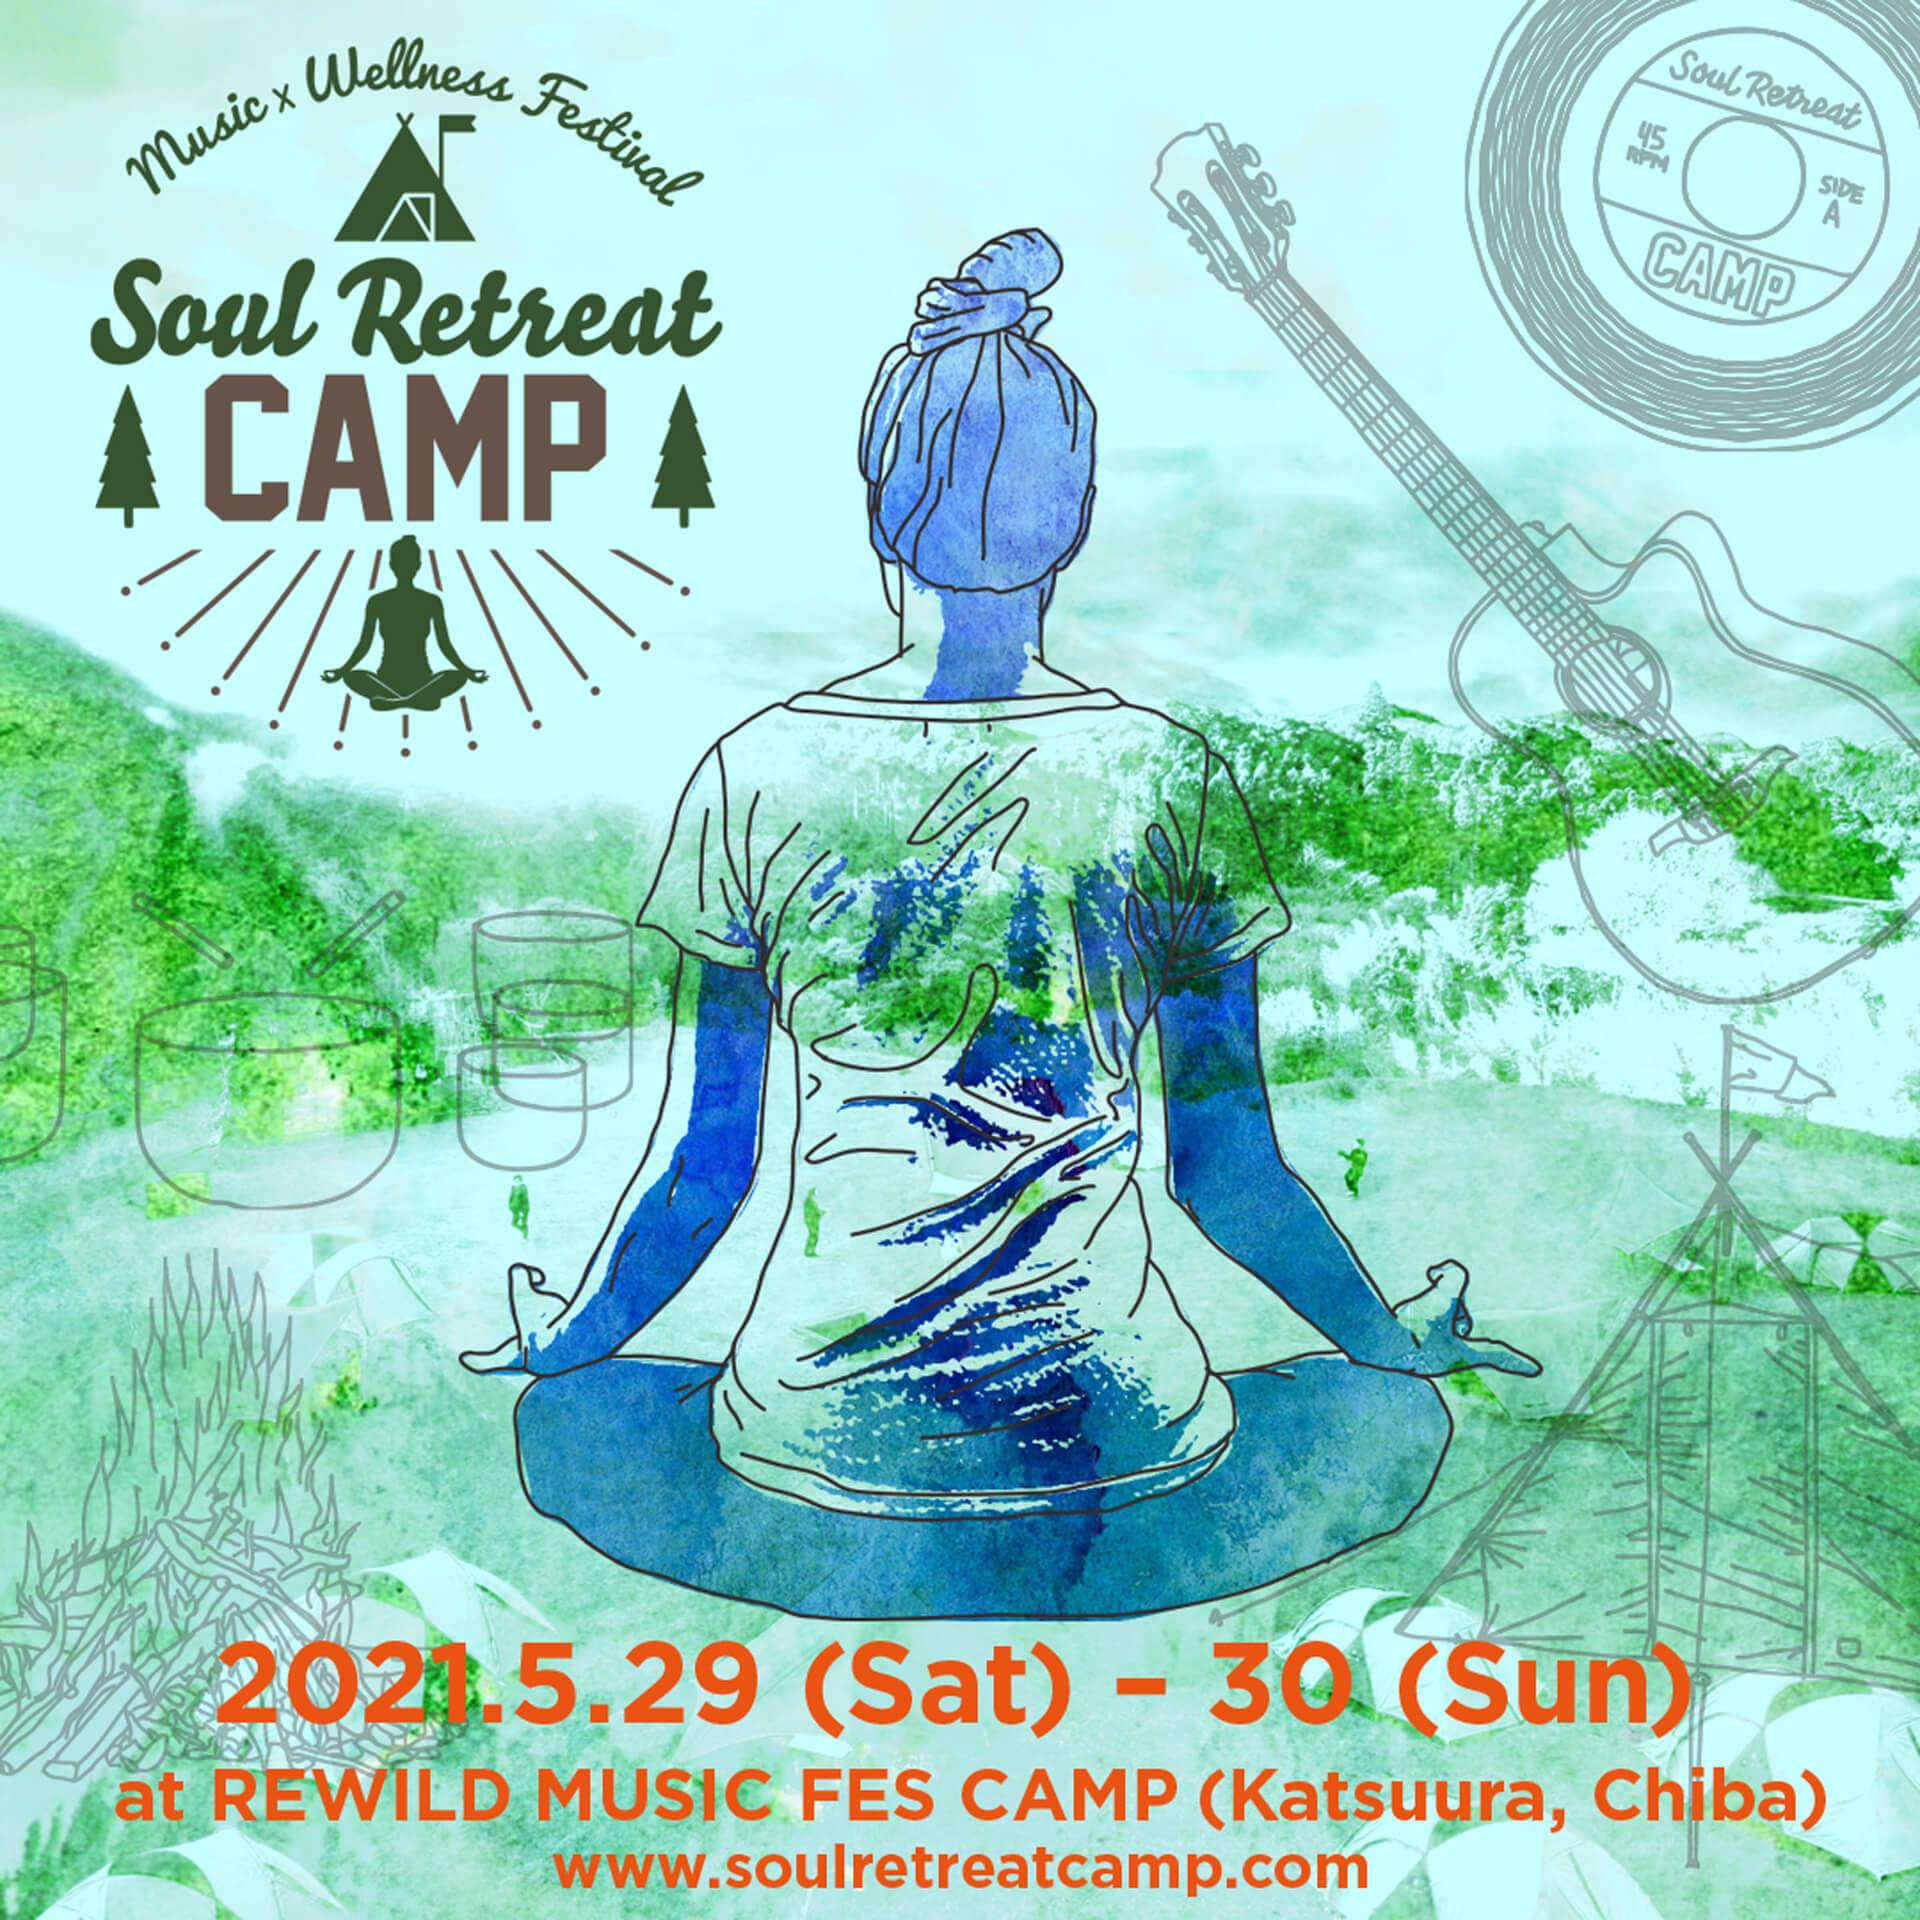 音楽と瞑想、ヨガ、サウナで心を癒し整えるキャンプフェス<SOUL RETREAT CAMP 2021>が開催決定! culture20121_soulretreatcamp_11-1